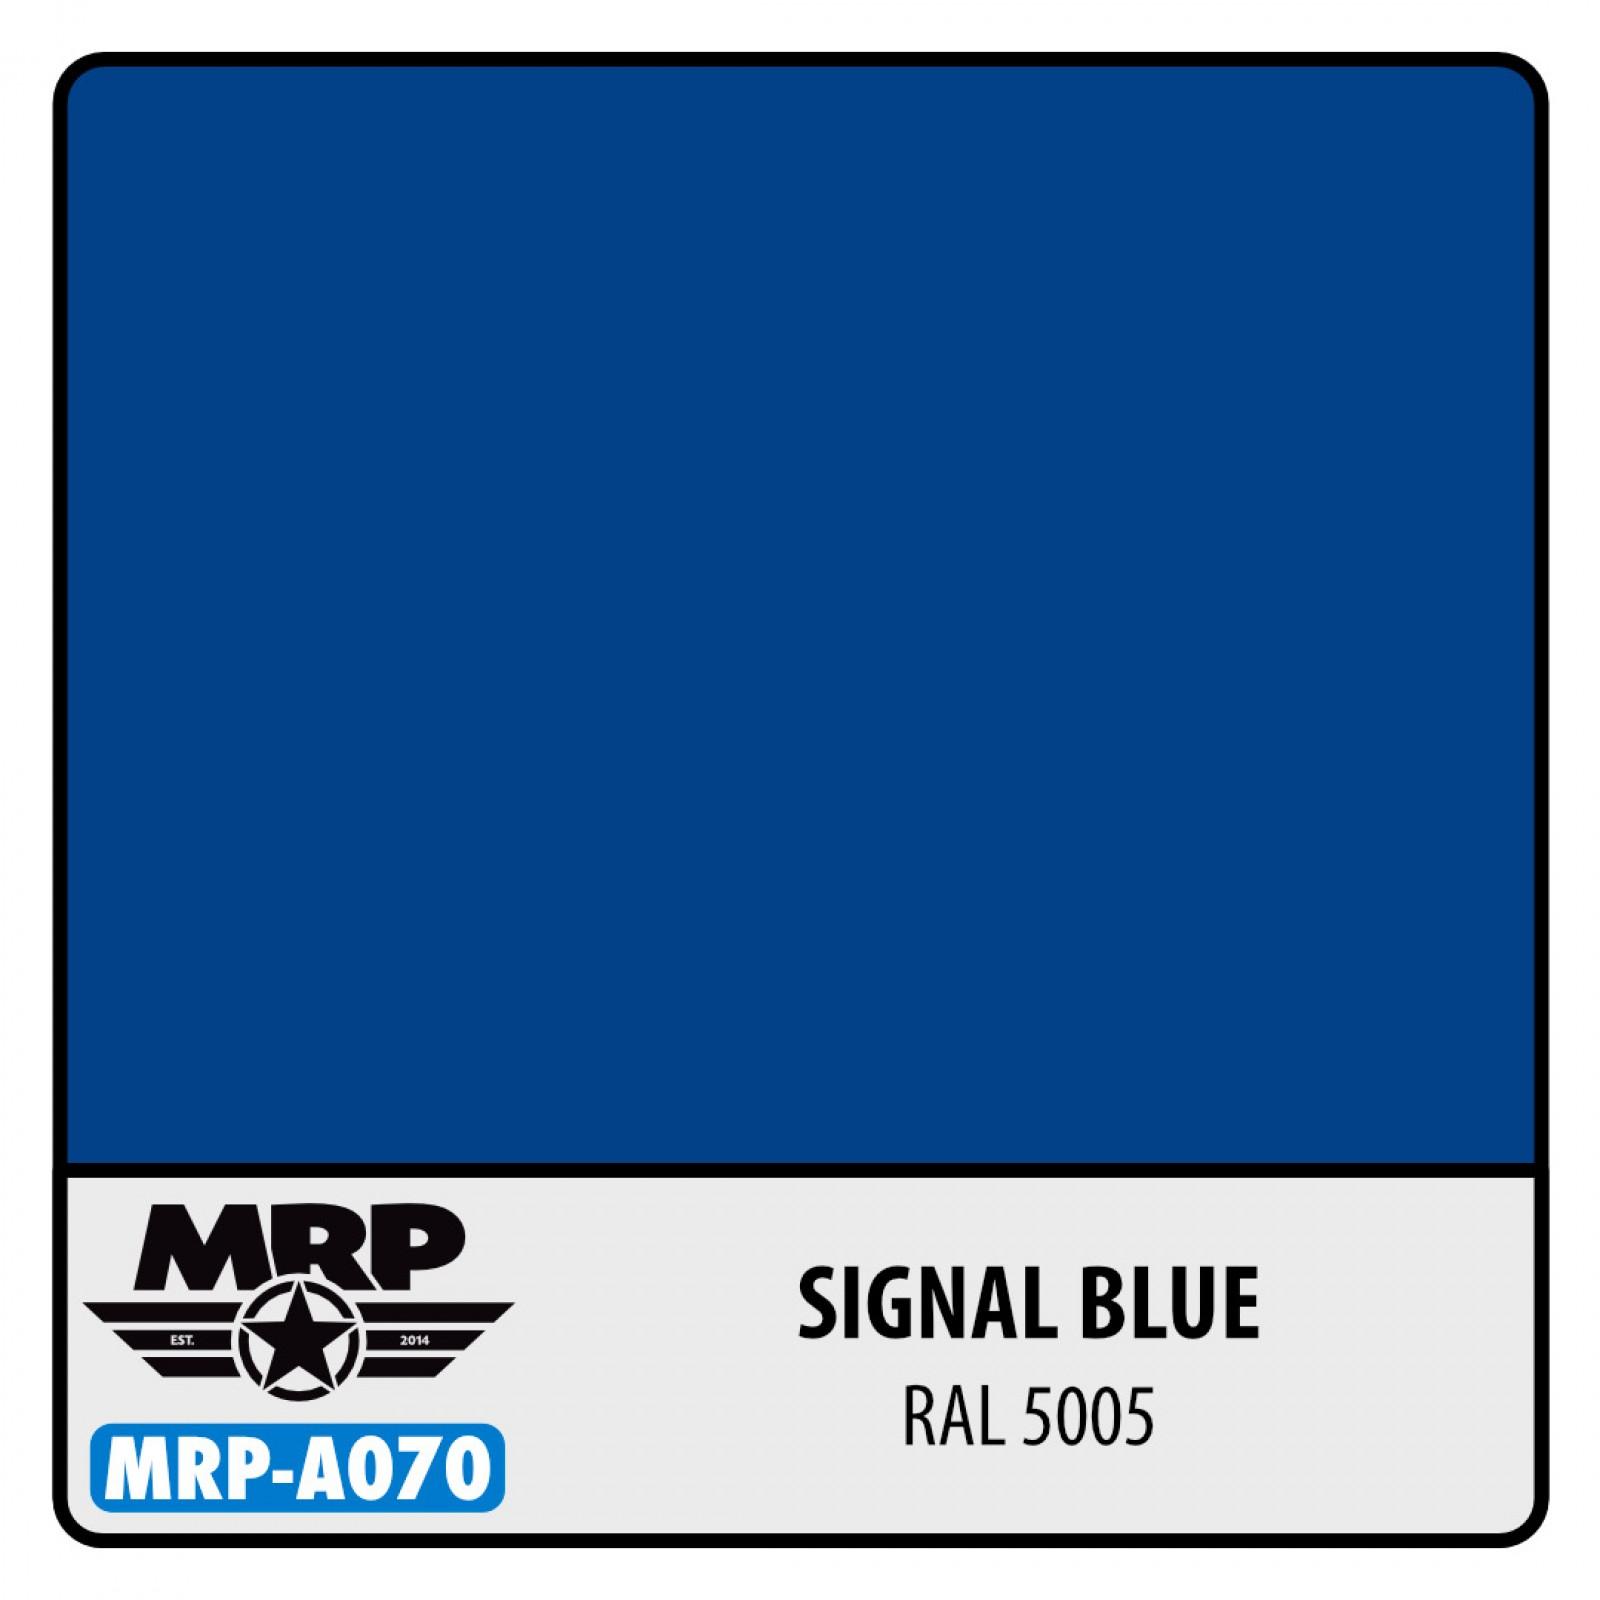 MRP-A070  Signal Blue RAL 5005